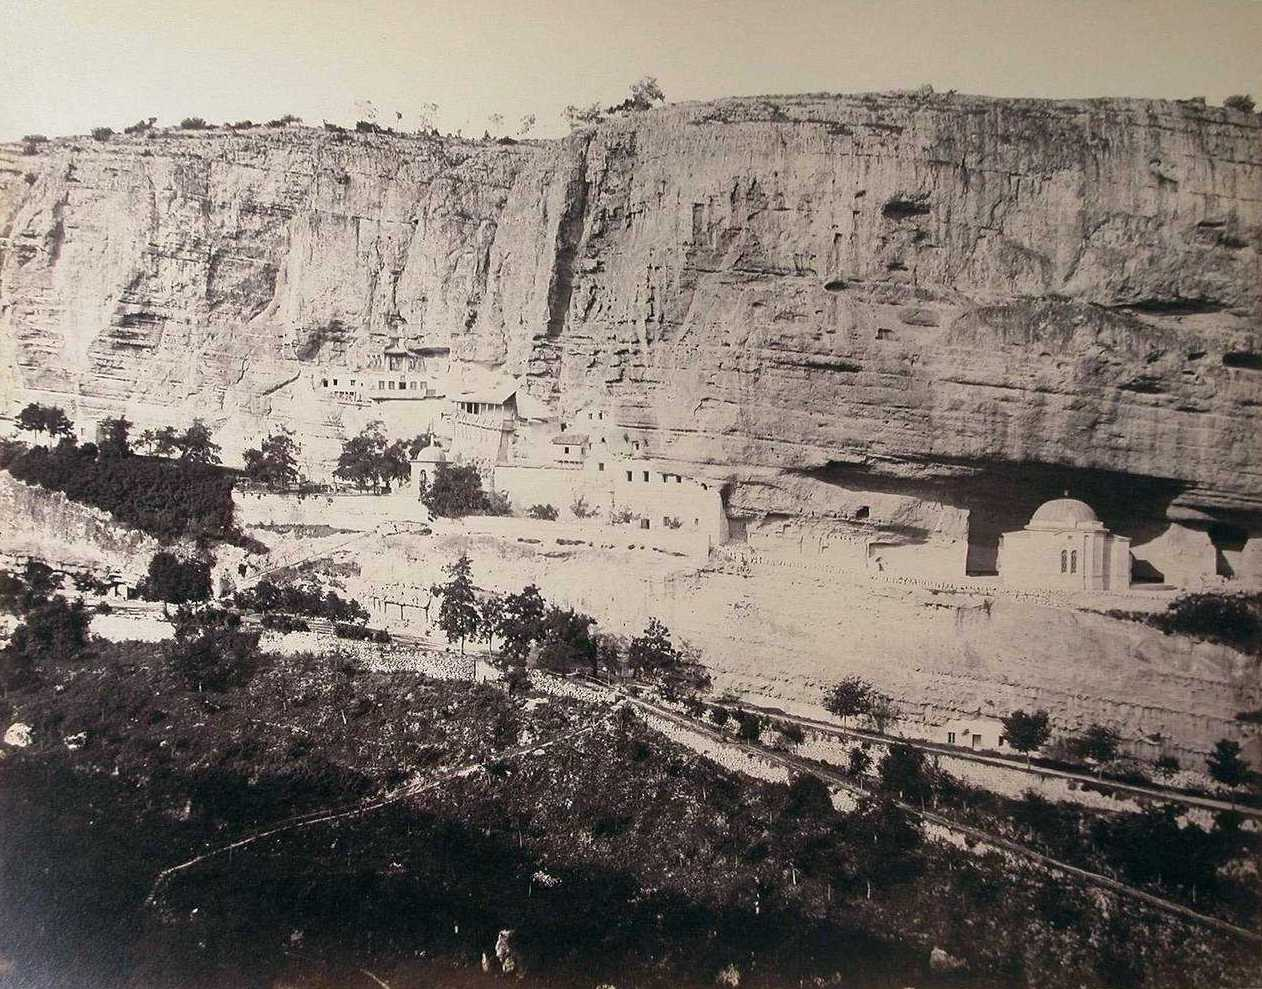 Правая часть панорамы Успенского скита у Бахчисарая. Из альбома пользователя Humus в «Живом журнале».